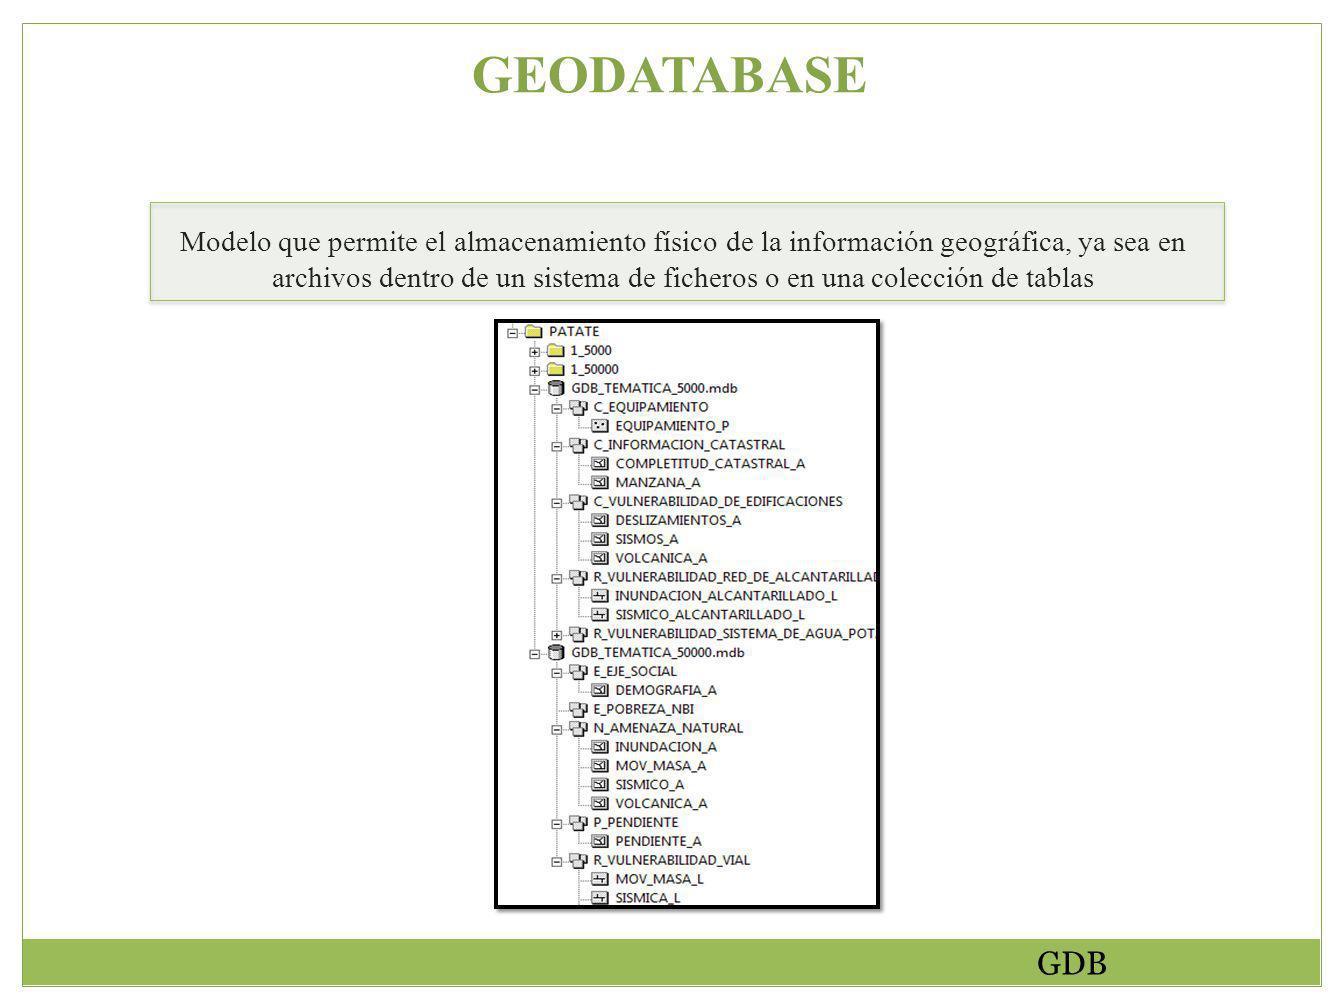 GEODATABASE Modelo que permite el almacenamiento físico de la información geográfica, ya sea en archivos dentro de un sistema de ficheros o en una colección de tablas GDB